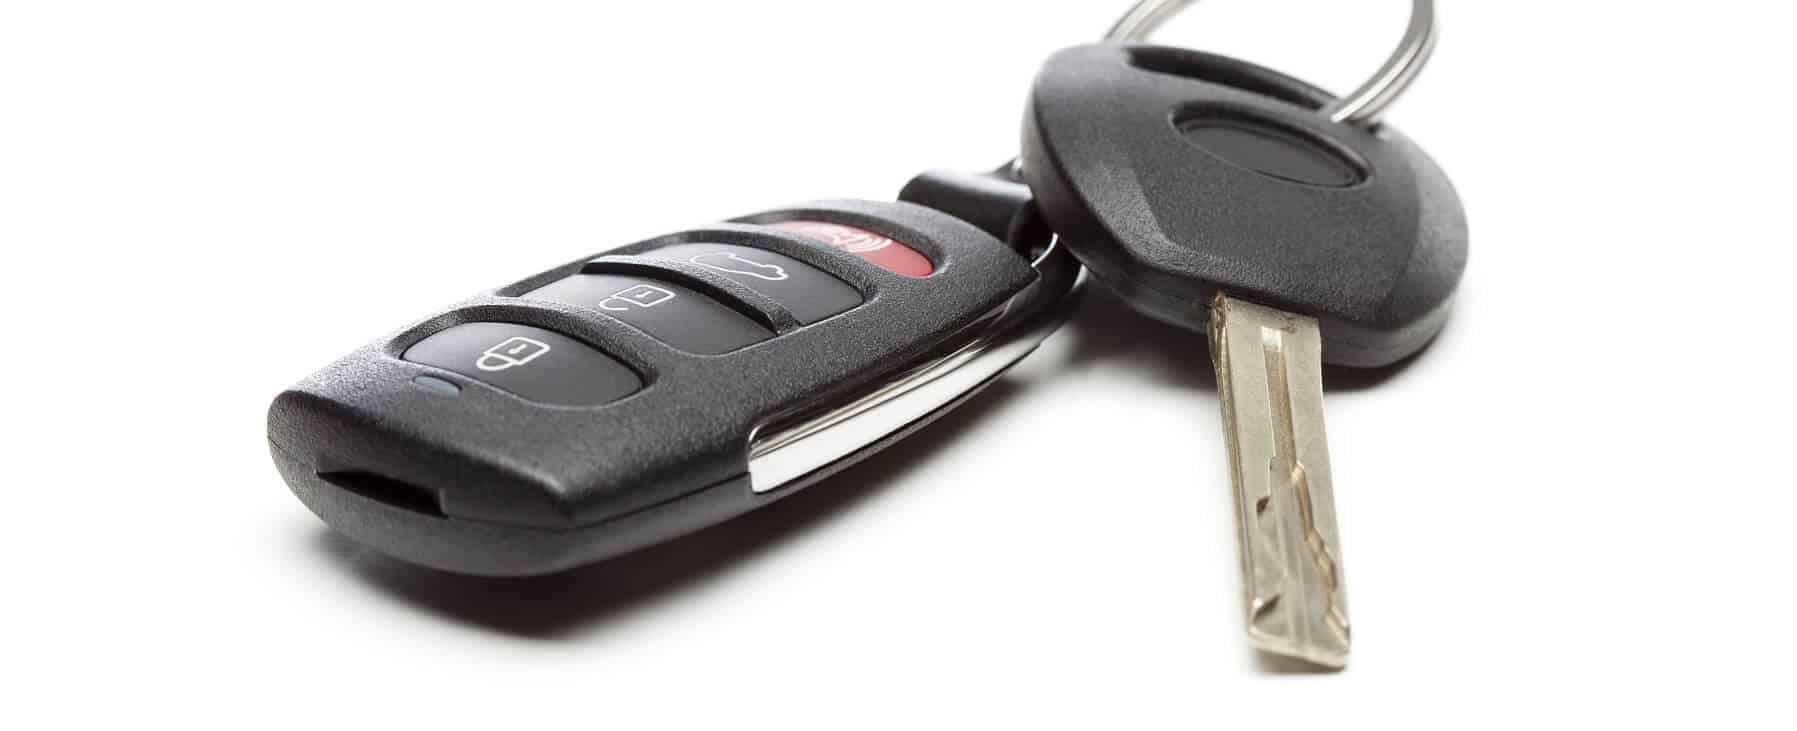 Modern Car Key and Remote